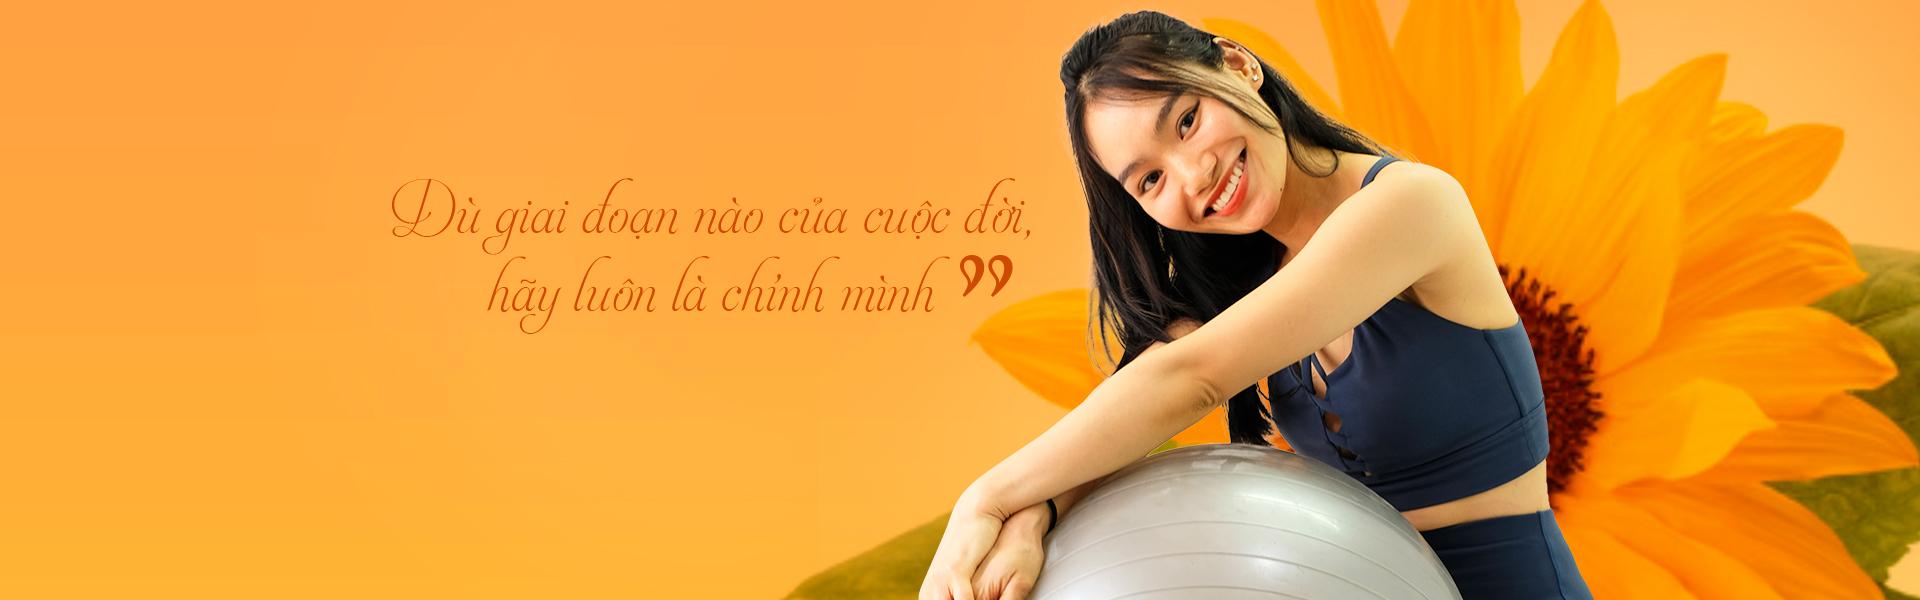 Gym Mơ - Phạm Thuỳ Dương